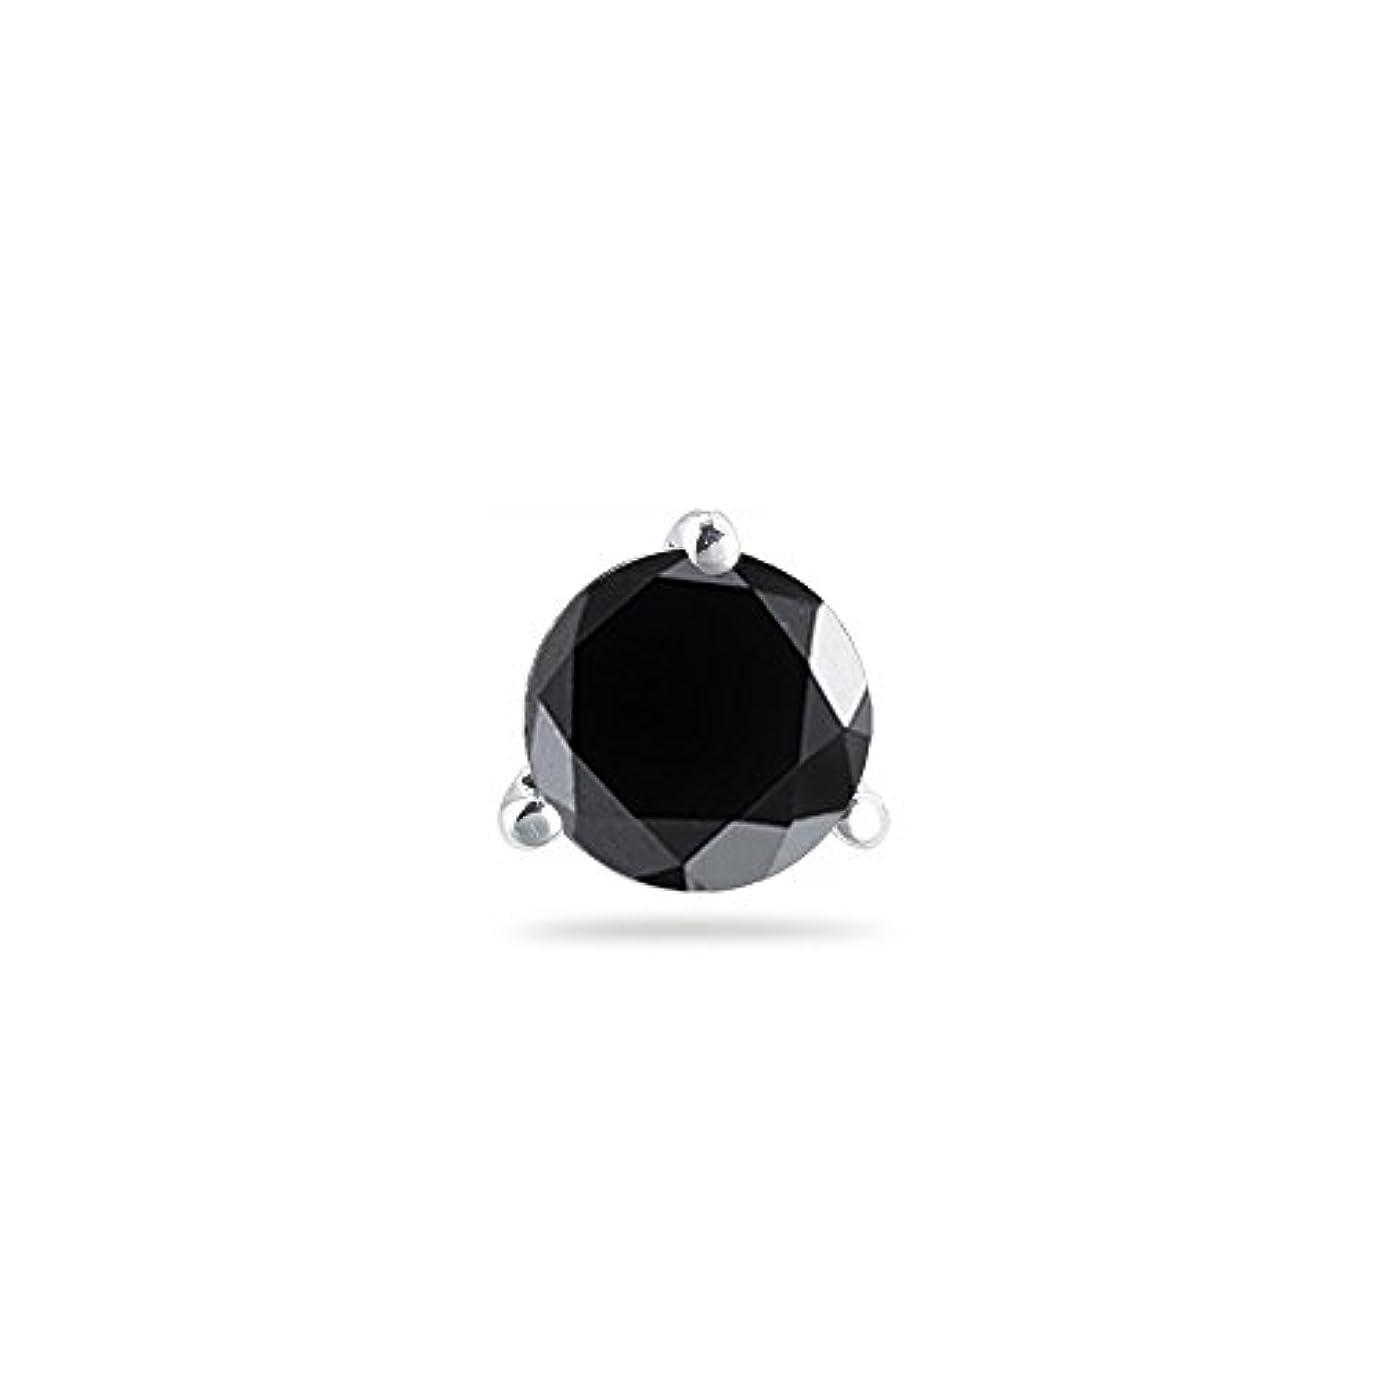 核抵当アライメントクリスマスDeal – 3 / 4 ( 0.71 – 0.80 ) CTSの5.34 – 6.01 MMブラックダイヤモンドメンズスタッドイヤリングで14 Kホワイトgold-screw Backs